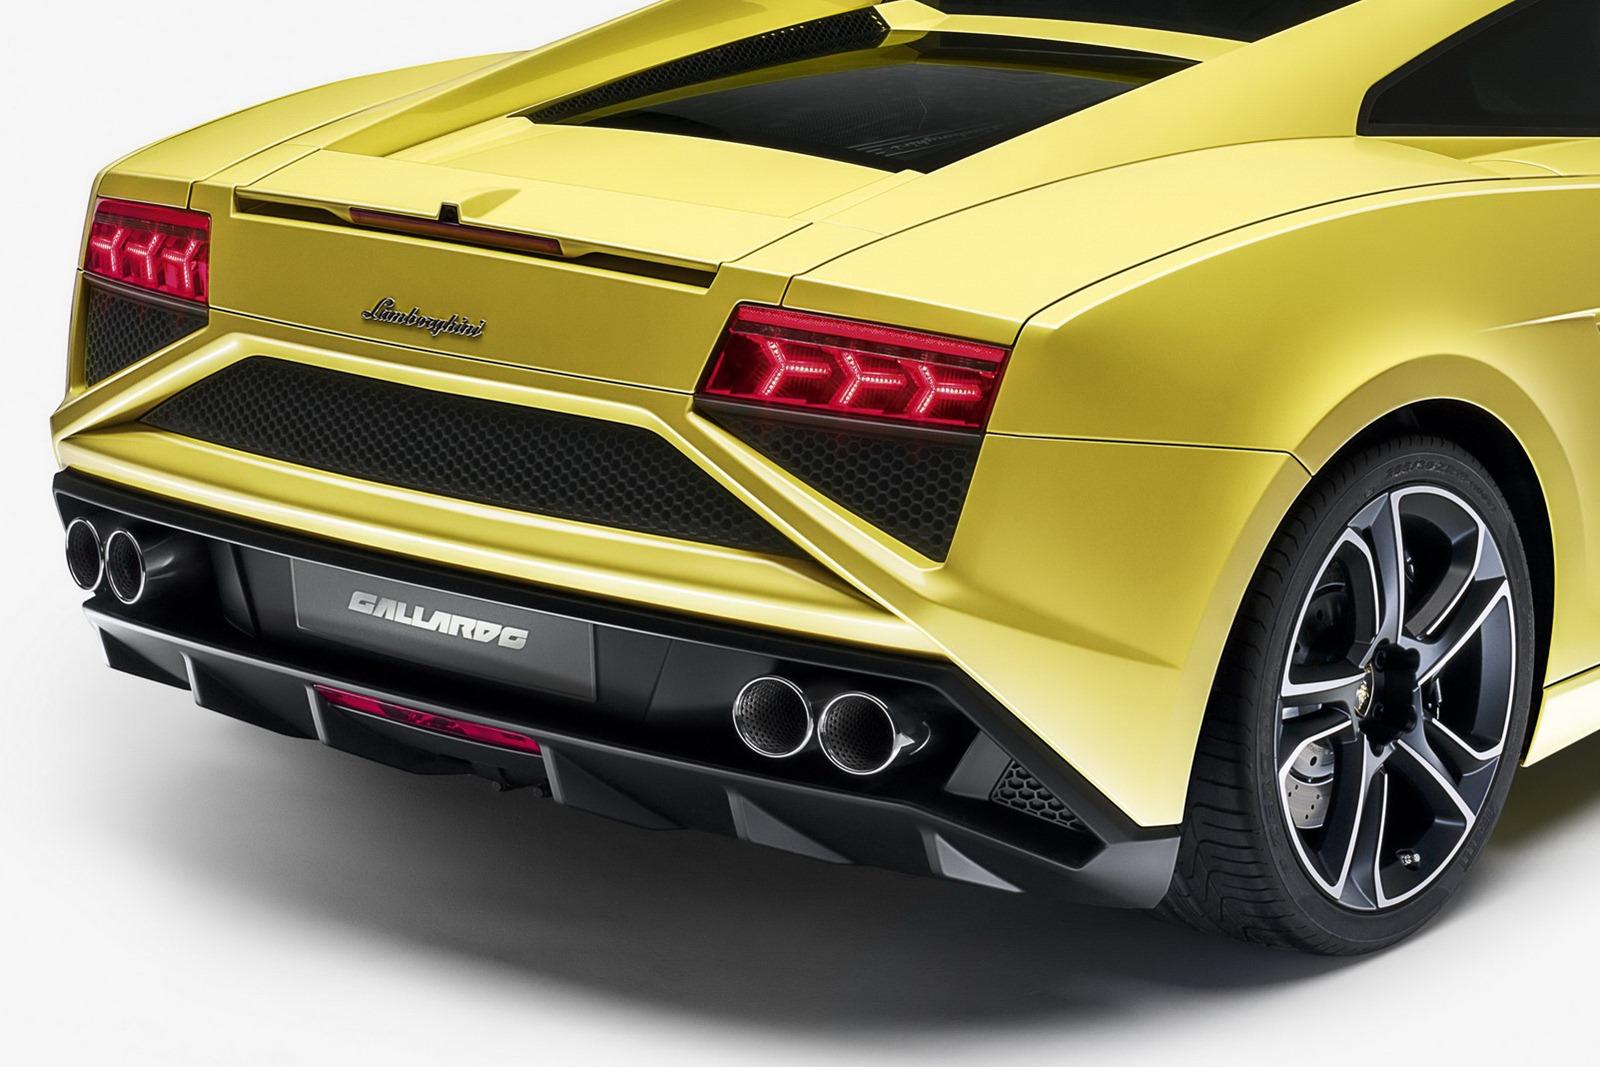 2013 Lamborghini Gallardo Lp560 4 Redesigned For Paris